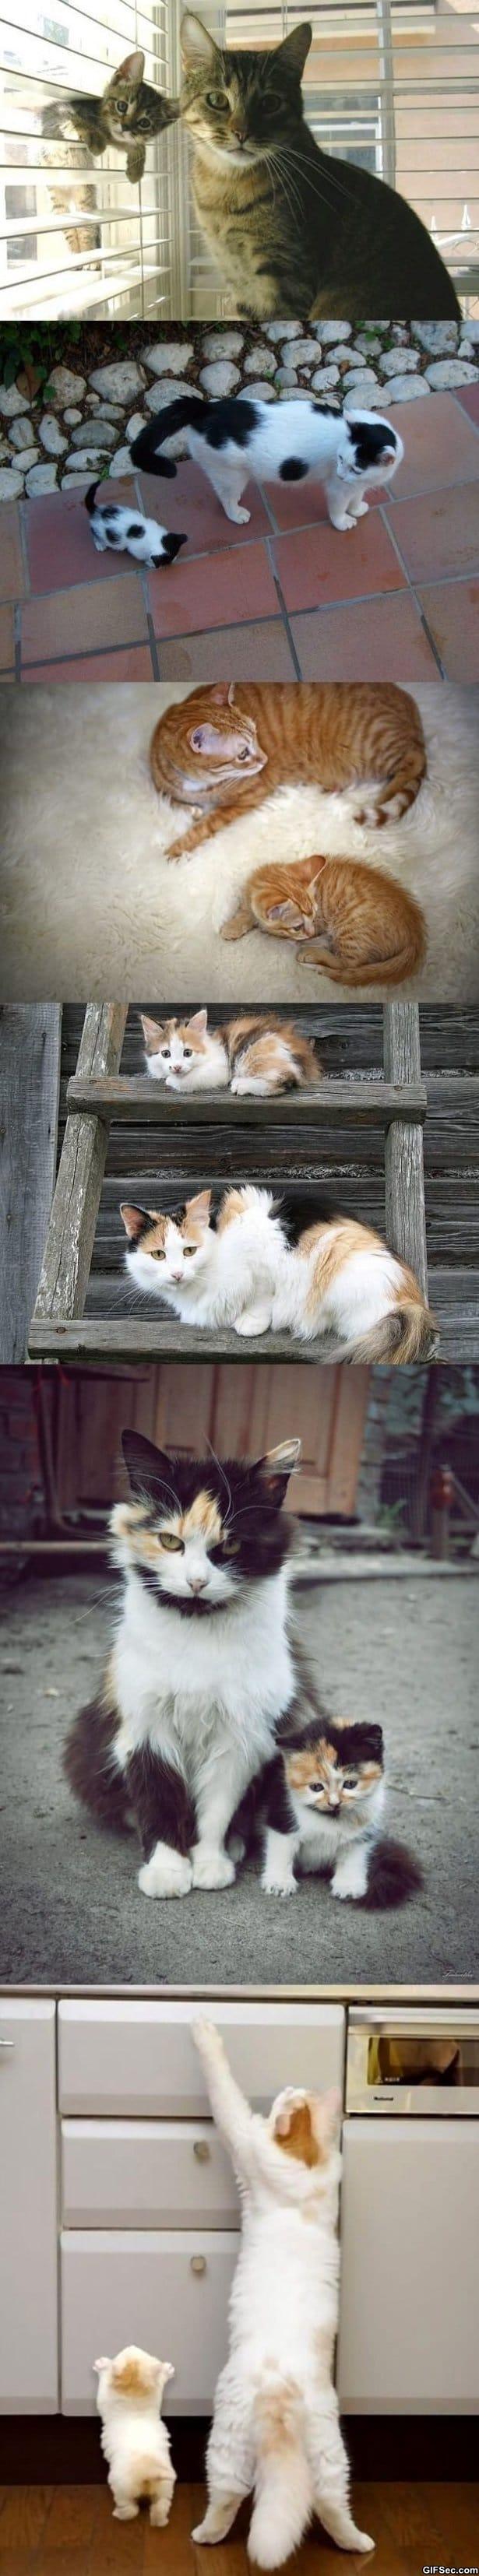 like-parents-like-kittens